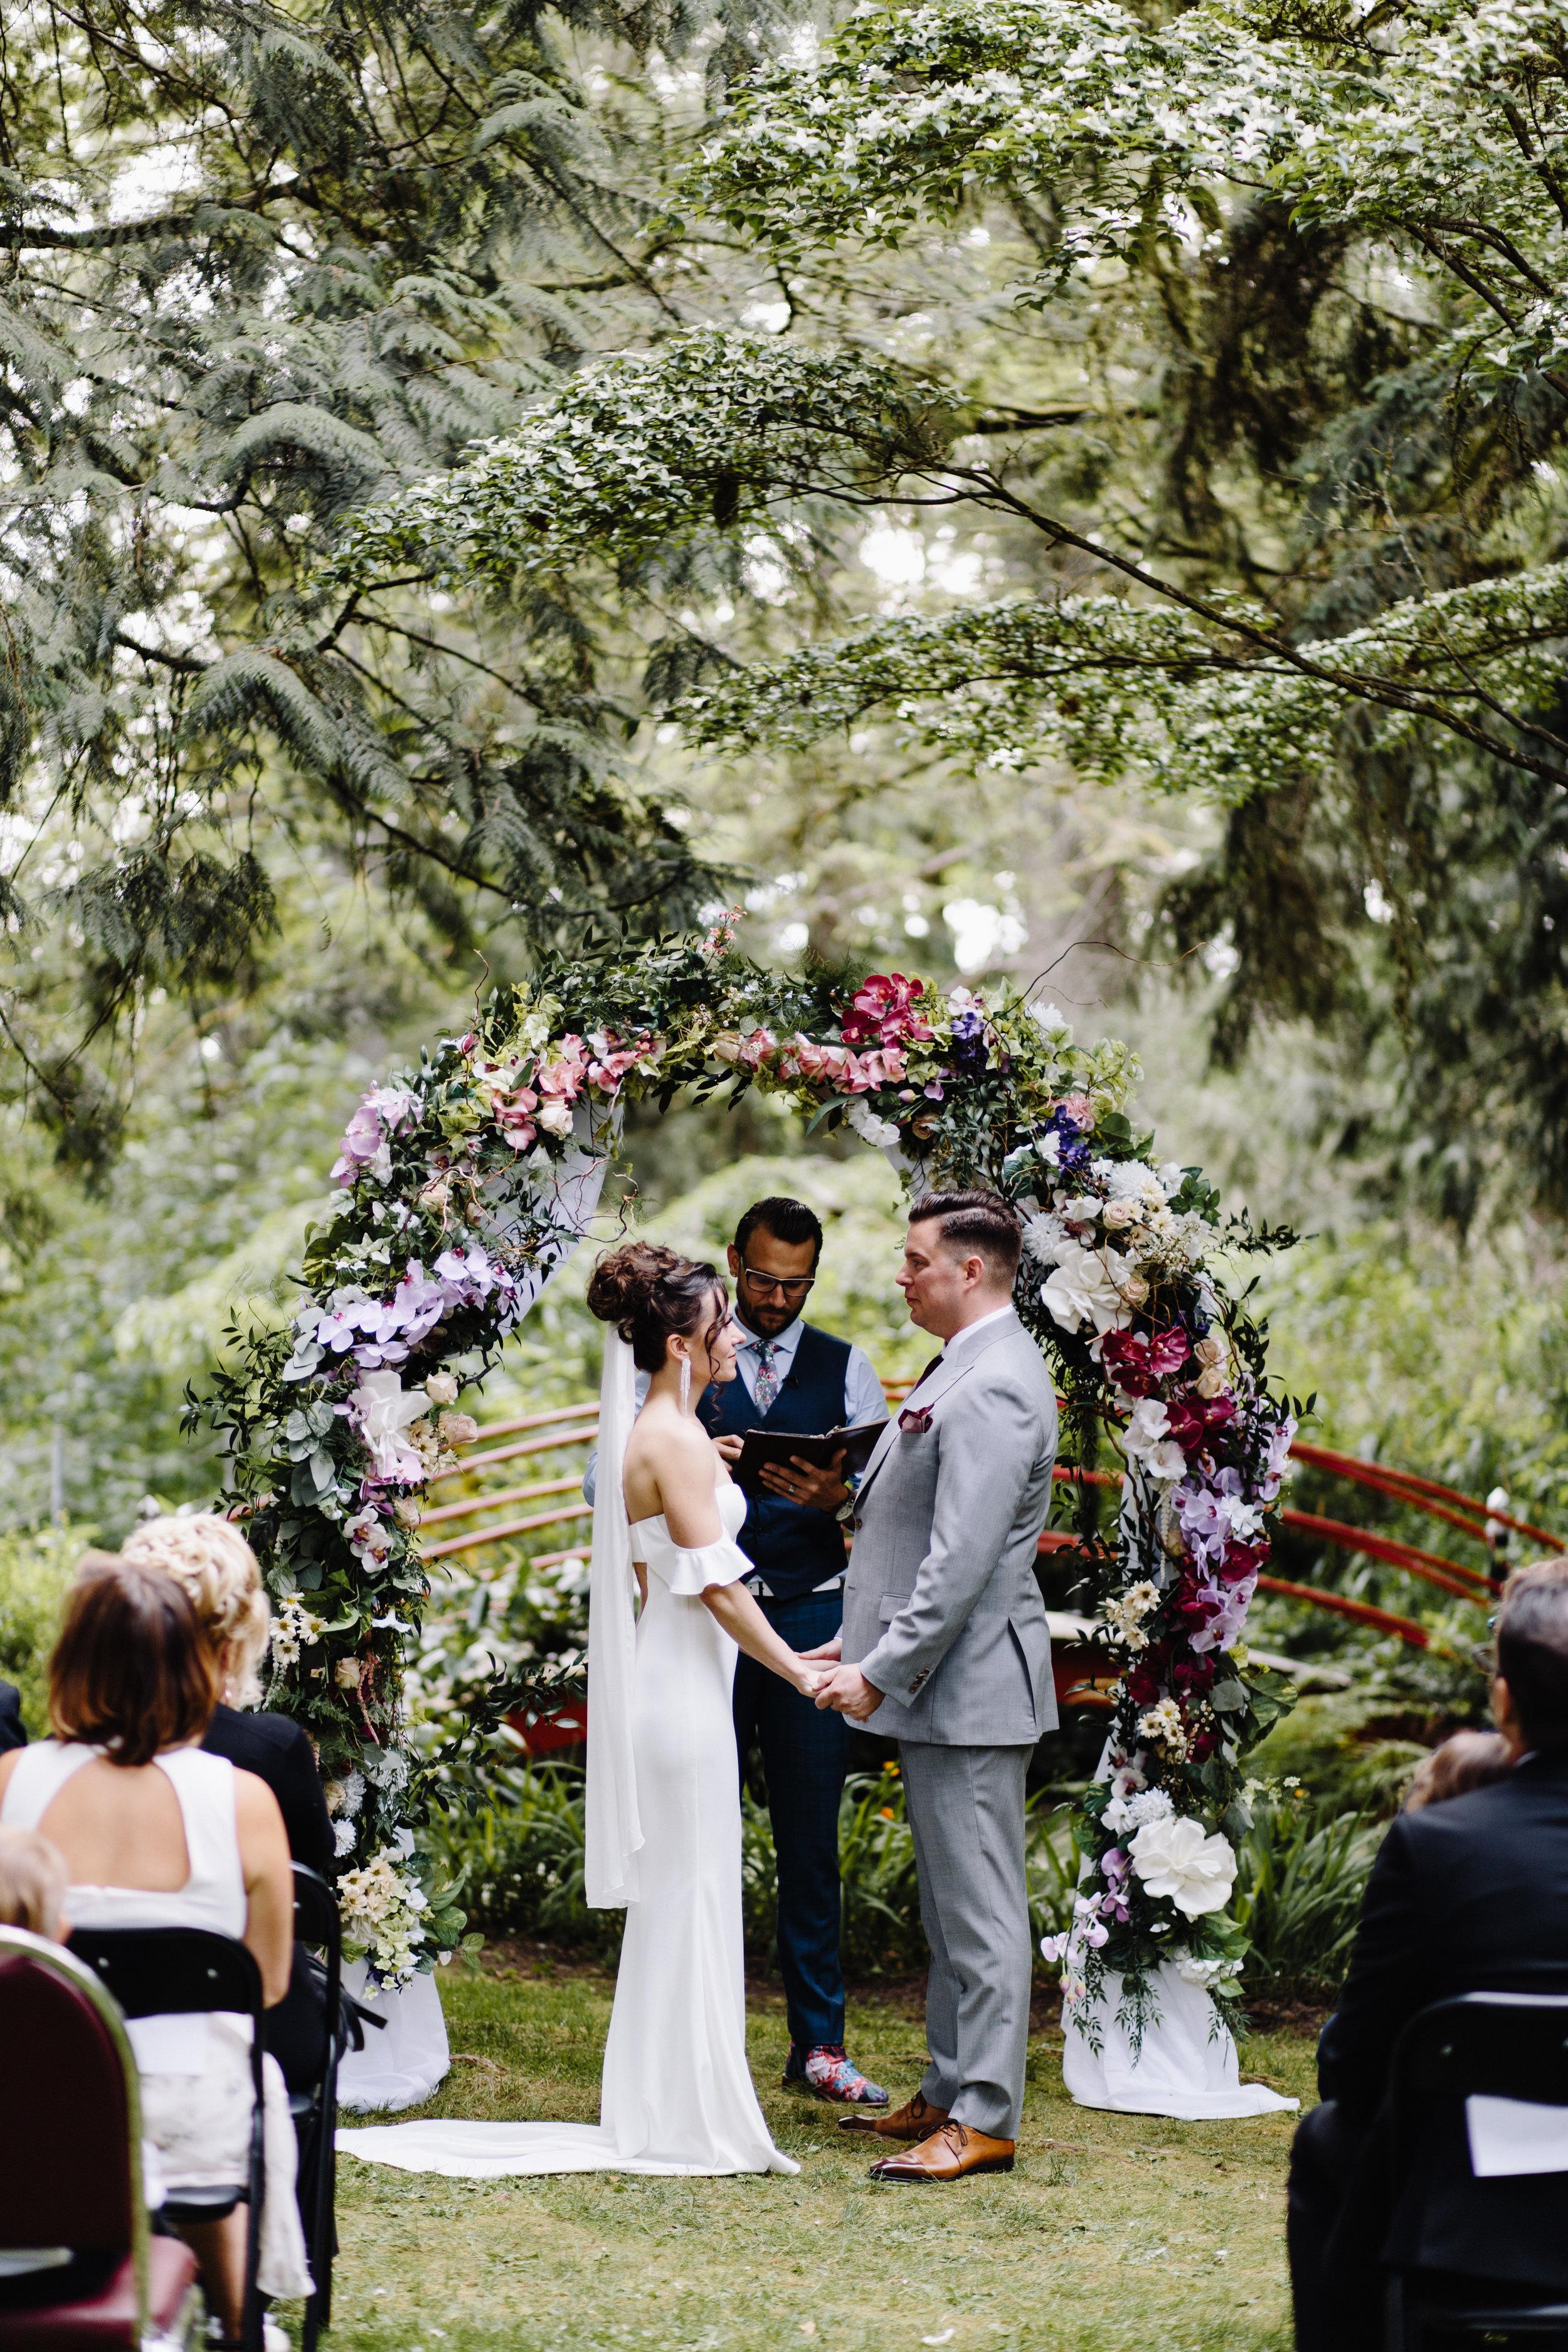 finlayburrageweddingphotography (6).jpg